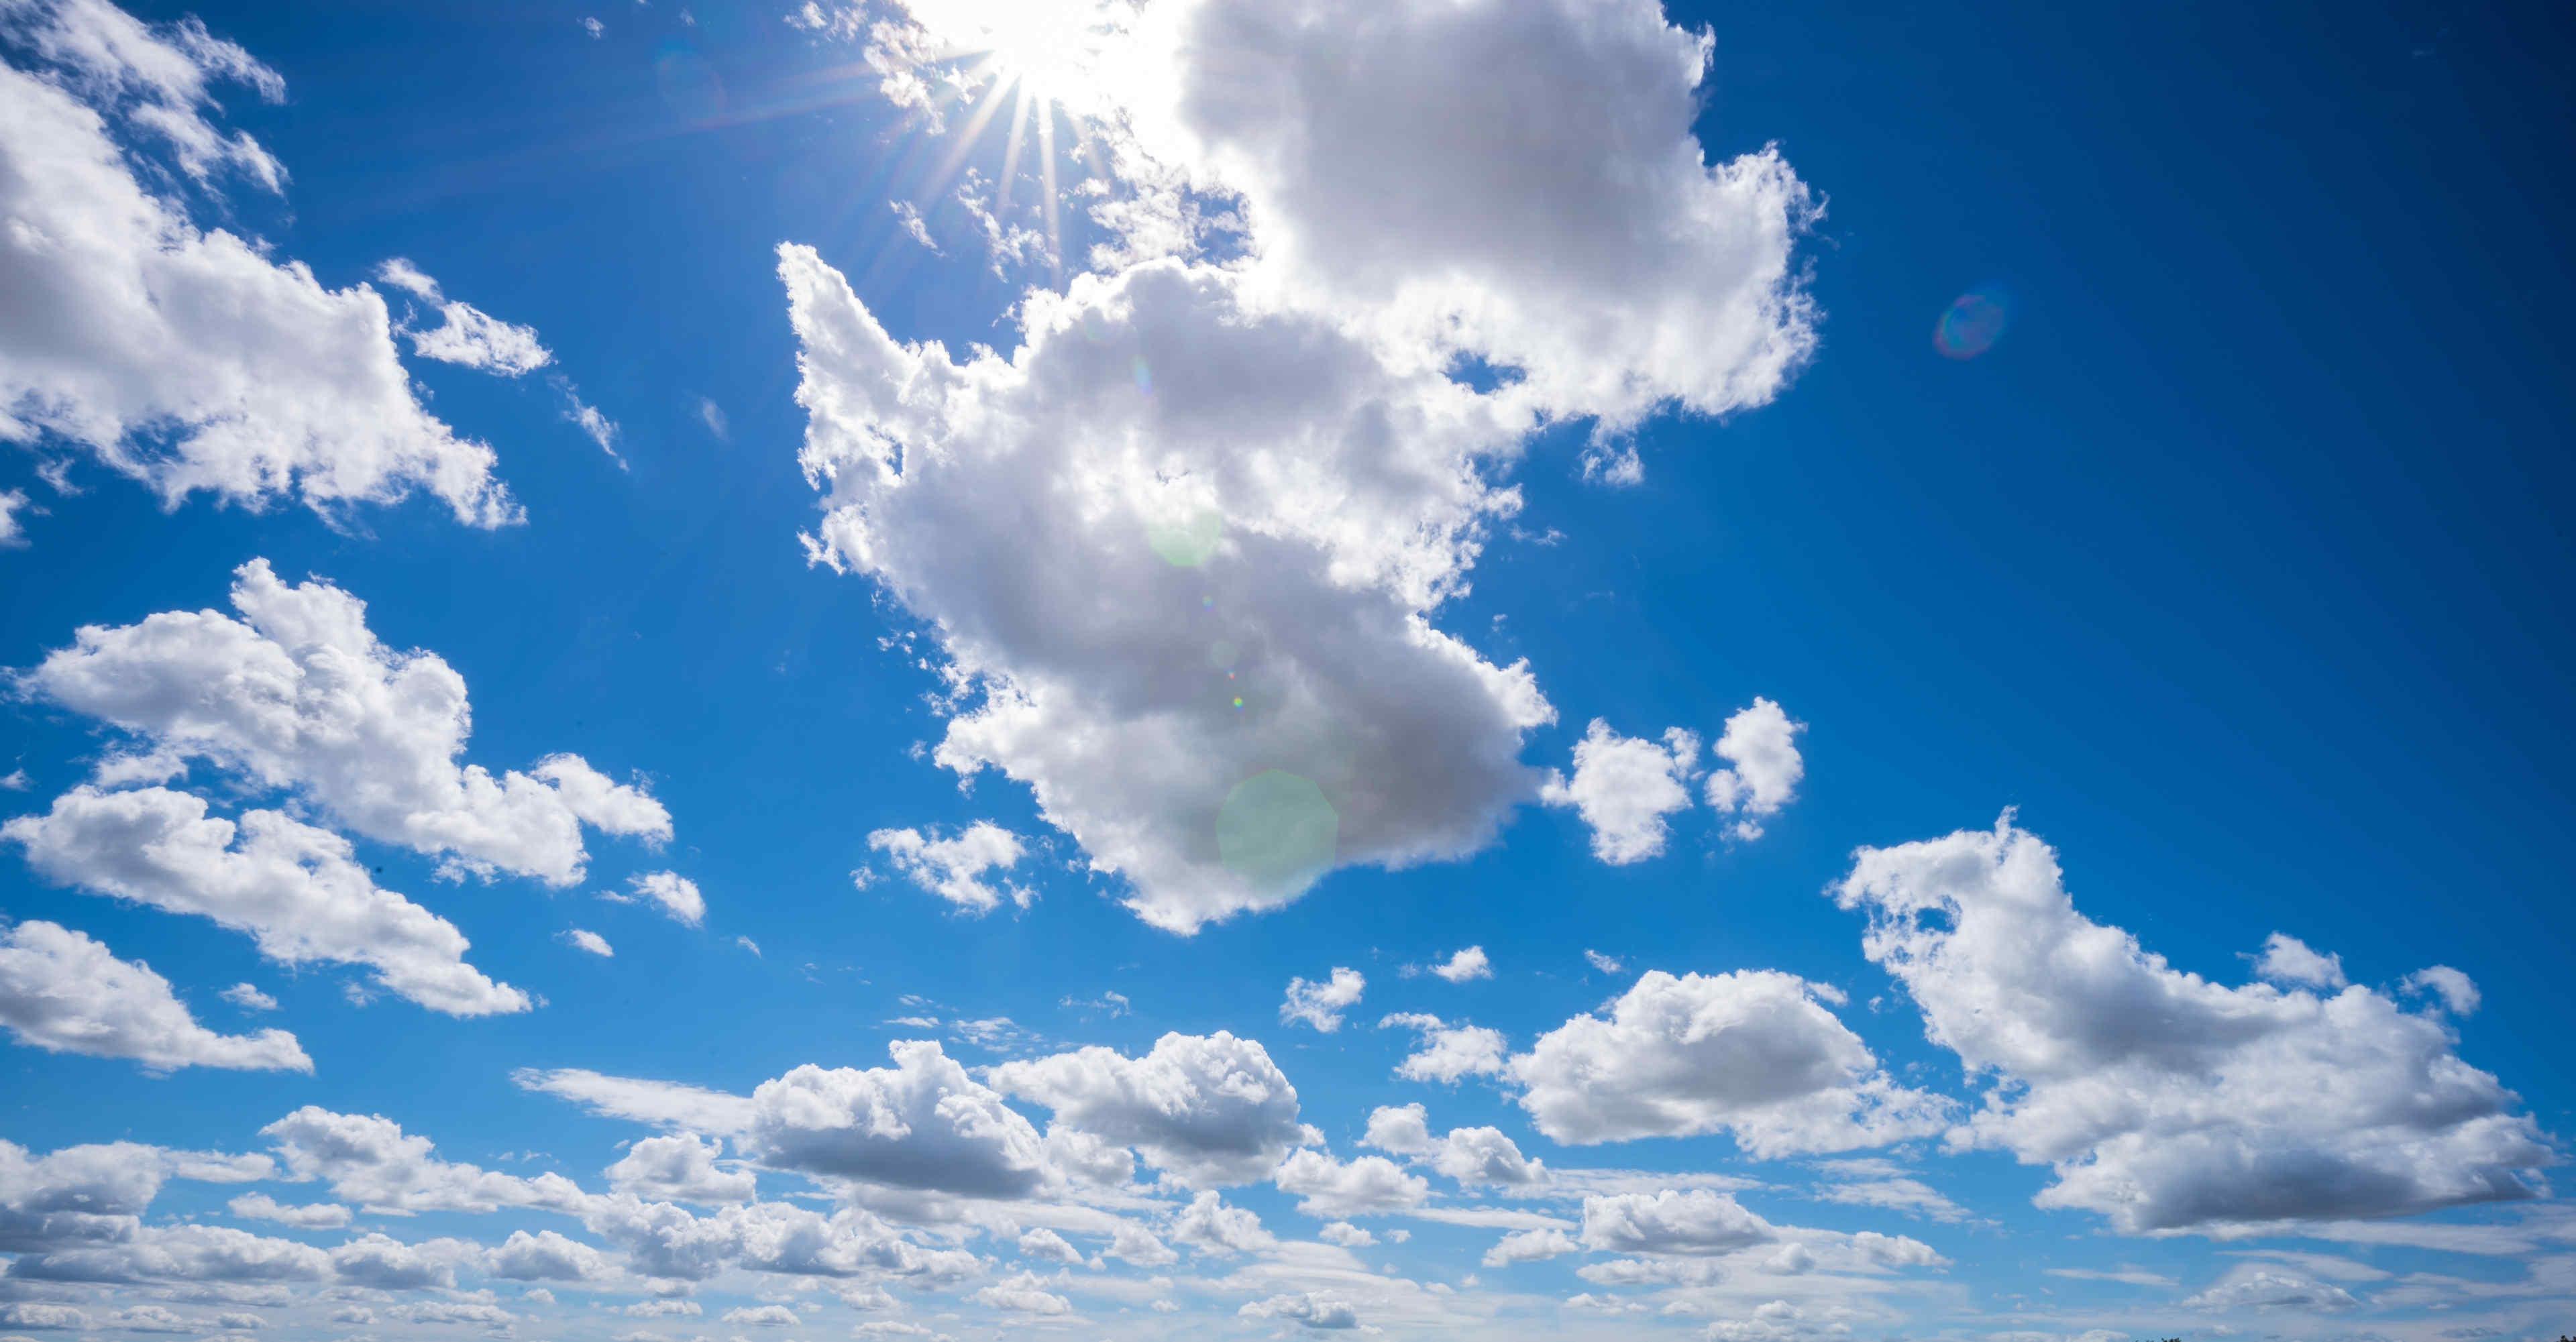 Natur Himmel mit Wolken